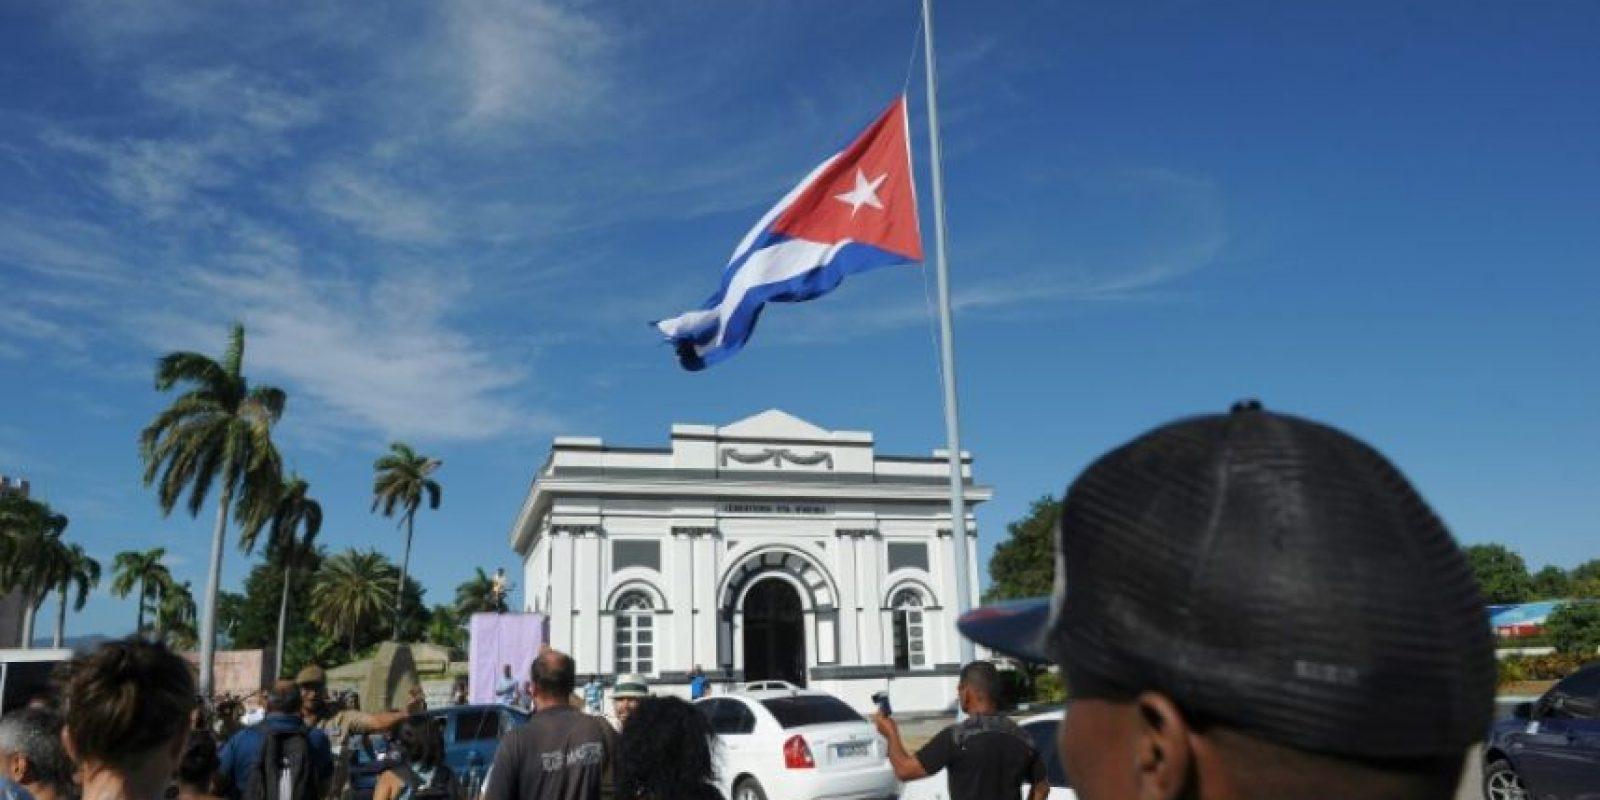 Varias personas a las puertas del cementerio Santa Ifigenia de Santiago de Cuba durante el entierro de las cenizas del expresidente Fidel Castro, el 4 de diciembre de 2016 Foto:Yamil Lage/afp.com